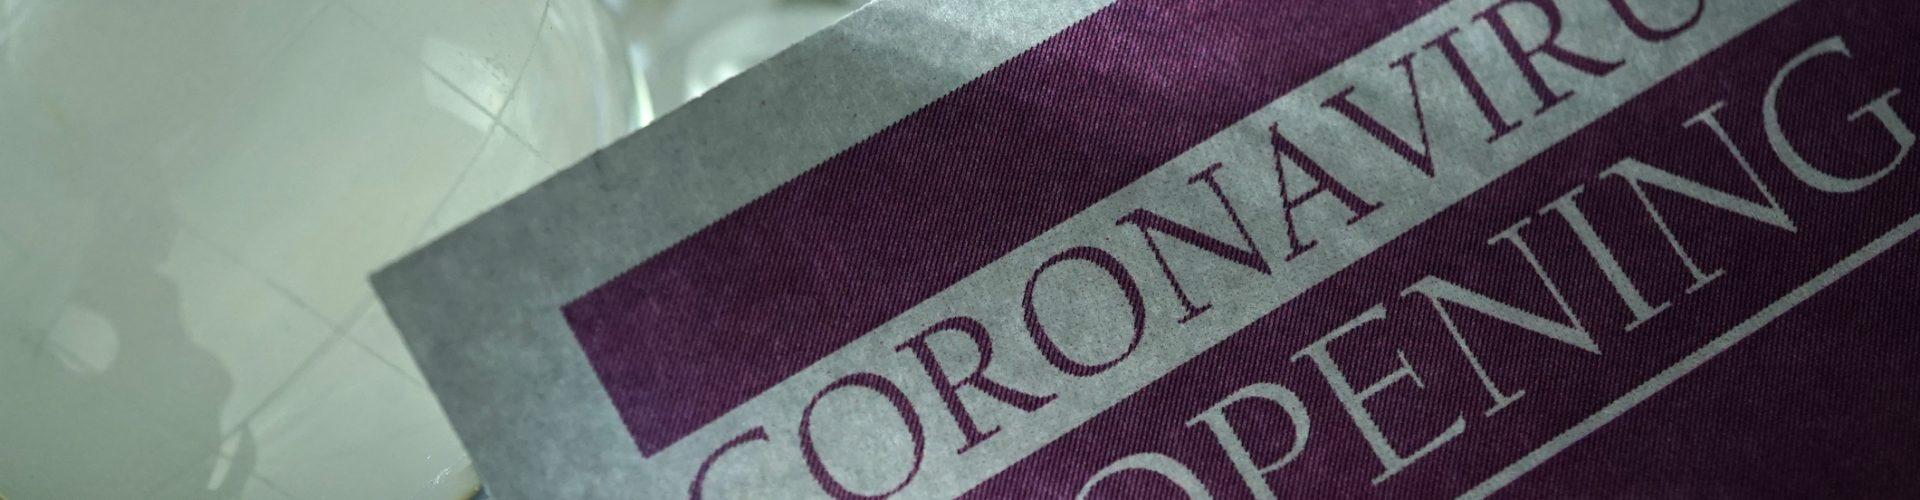 shot of the word coronavirus